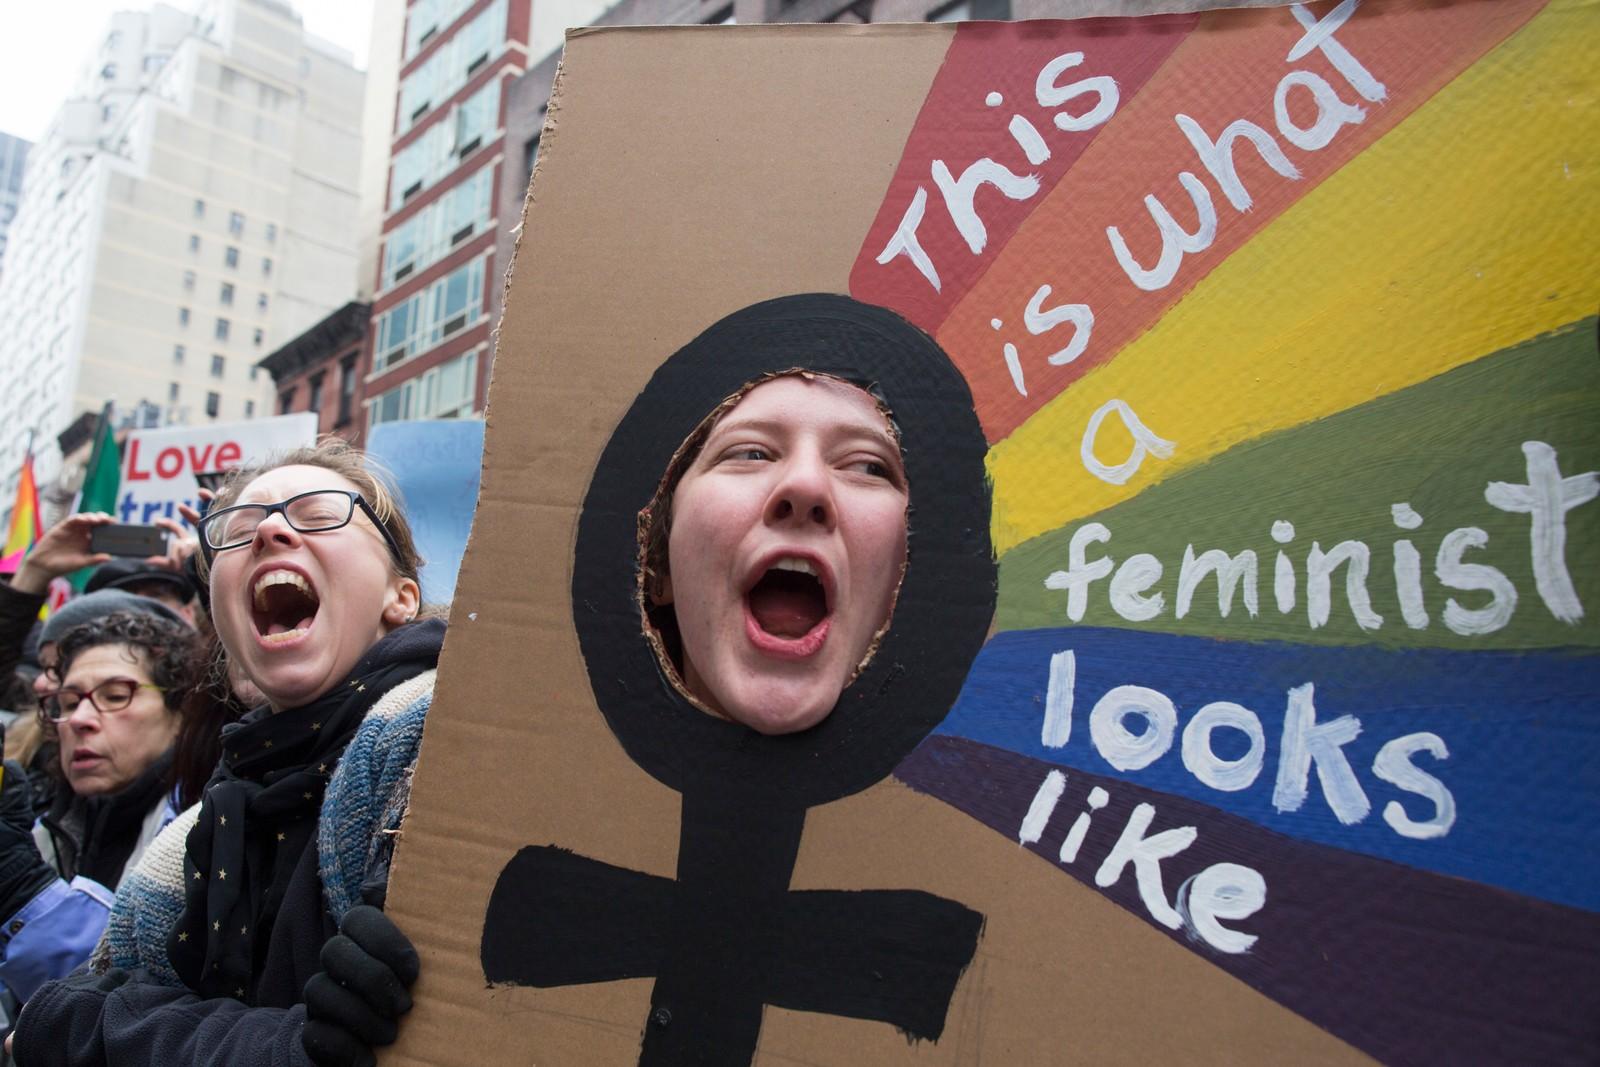 Slik ser en feminist ut, er budskapet fra denne demonstranten i New York.